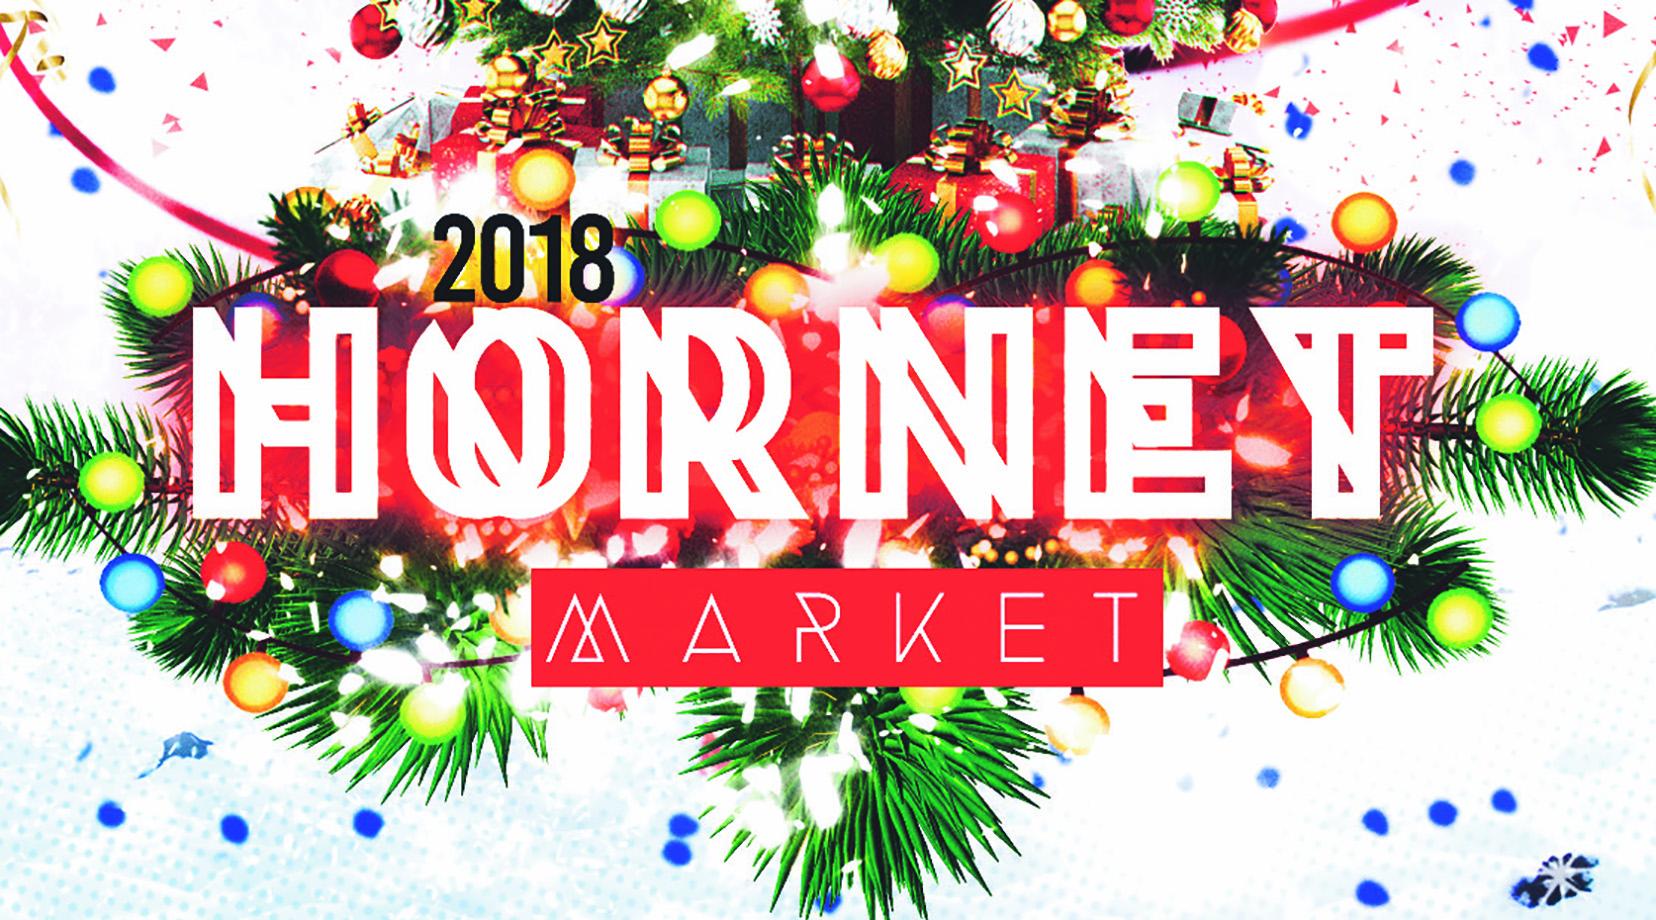 2018 Hornet Market